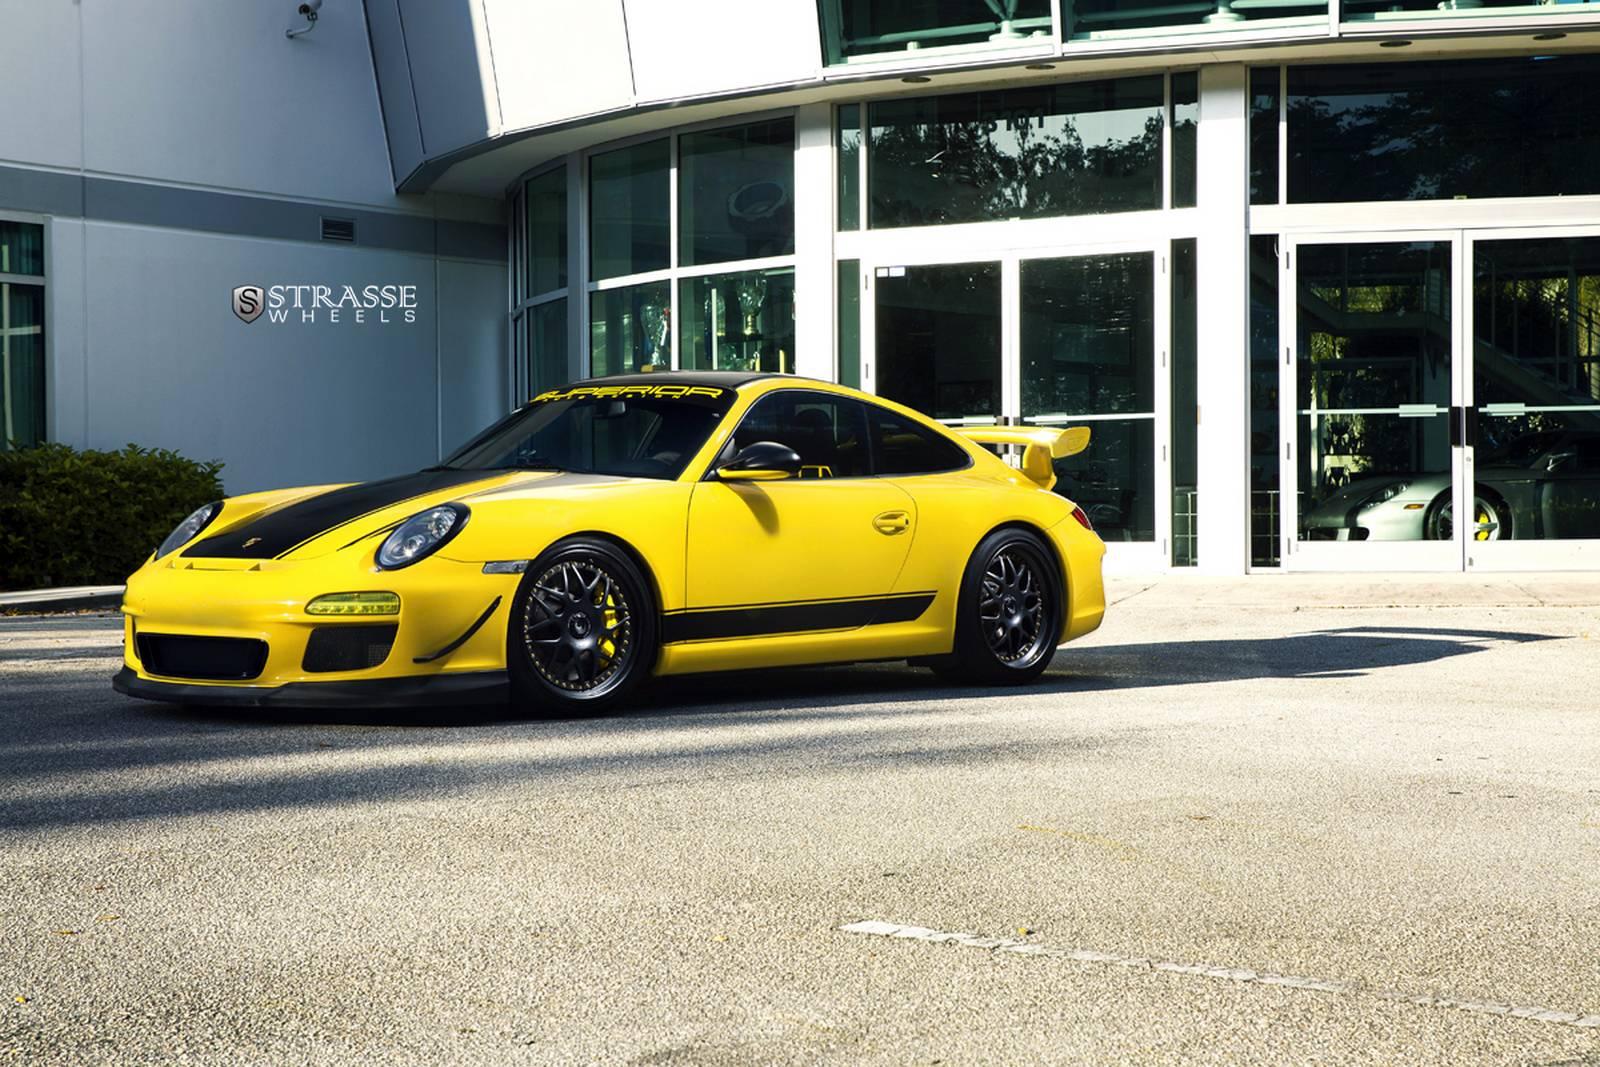 Speed Yellow Porsche 911 Gt3 With Satin Black Strasse